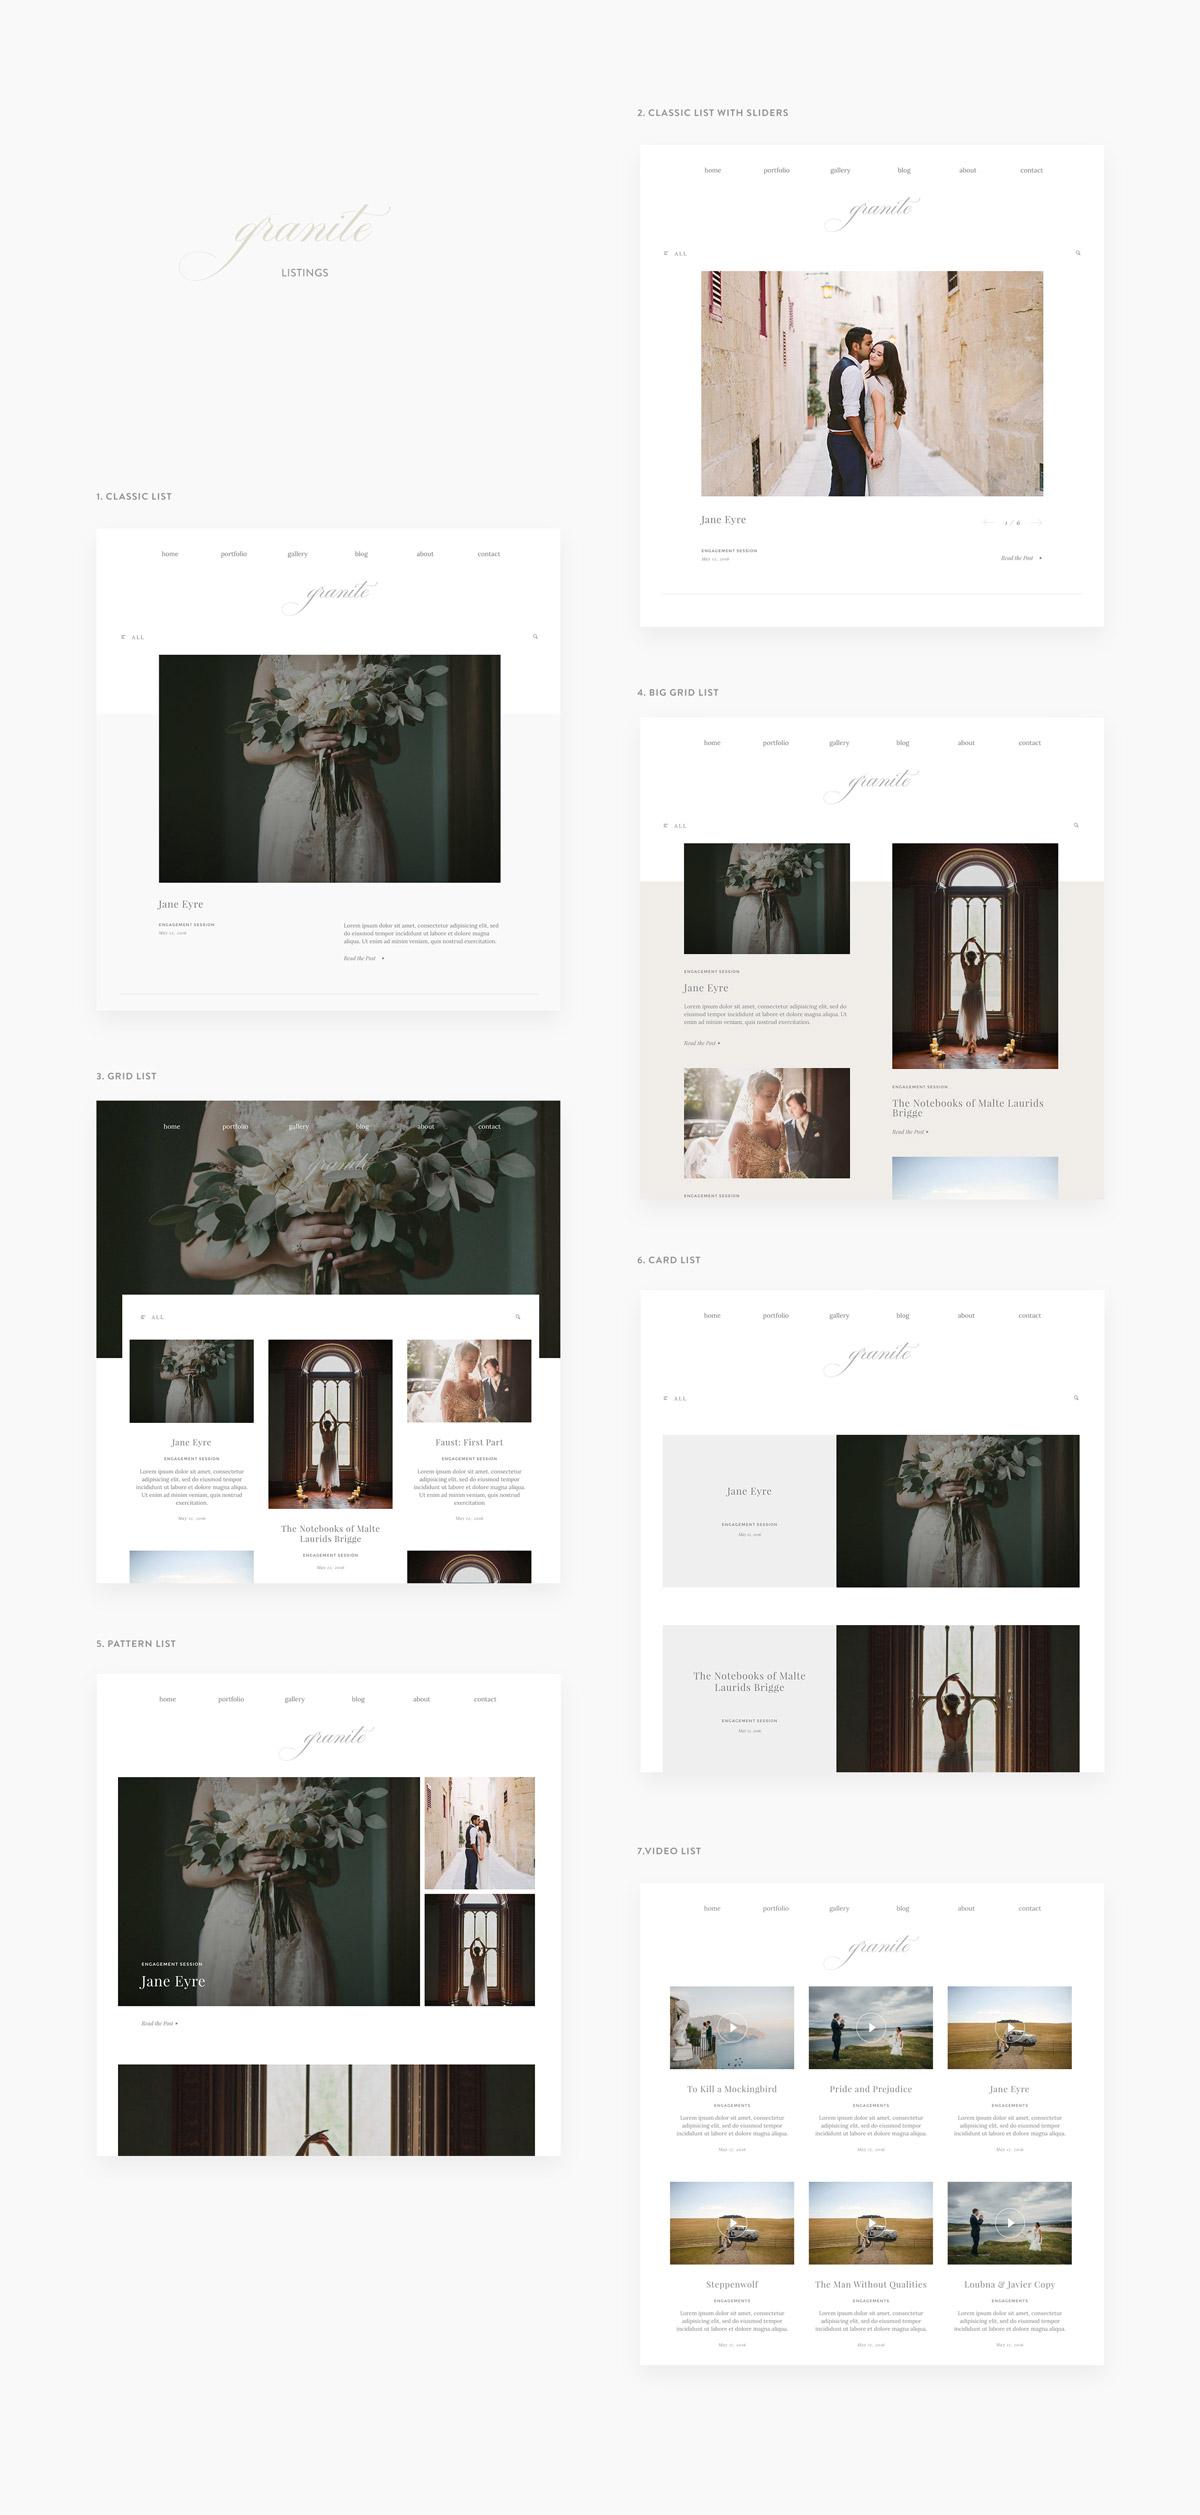 grannite-fine-art-minimalistic-theme